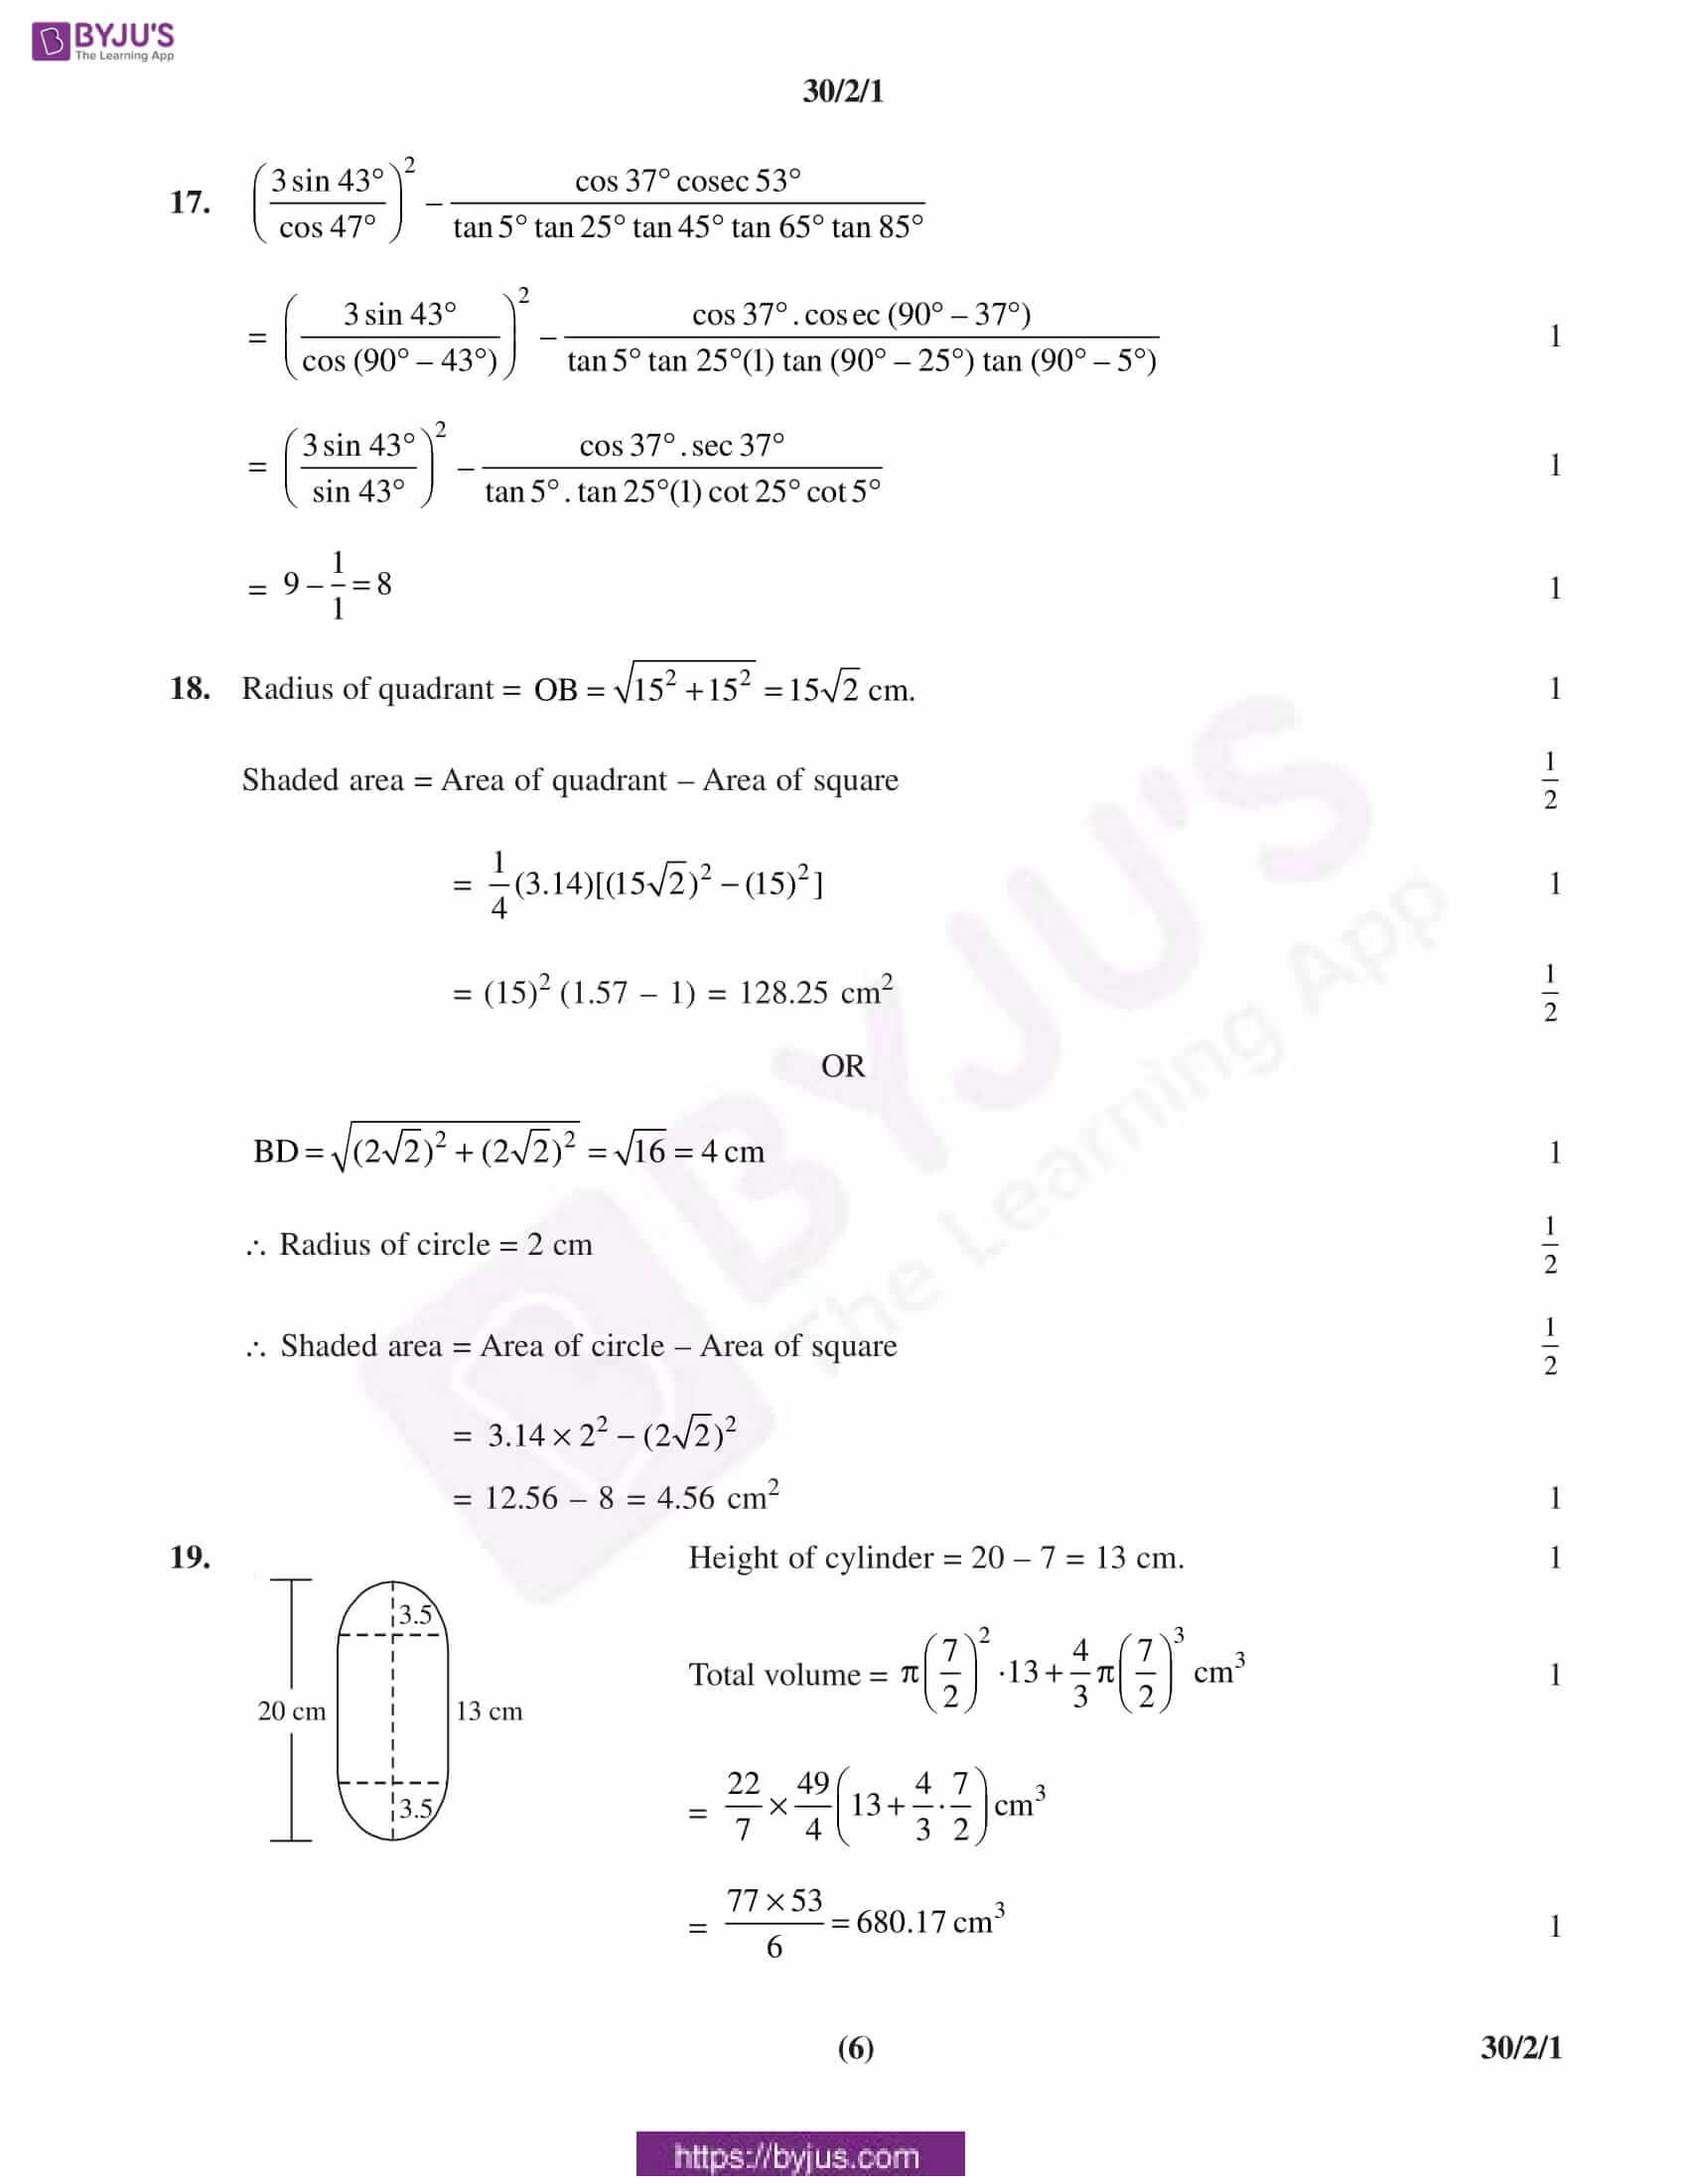 CBSE Class 10 Maths Solution PDF 2019 Set 2 06